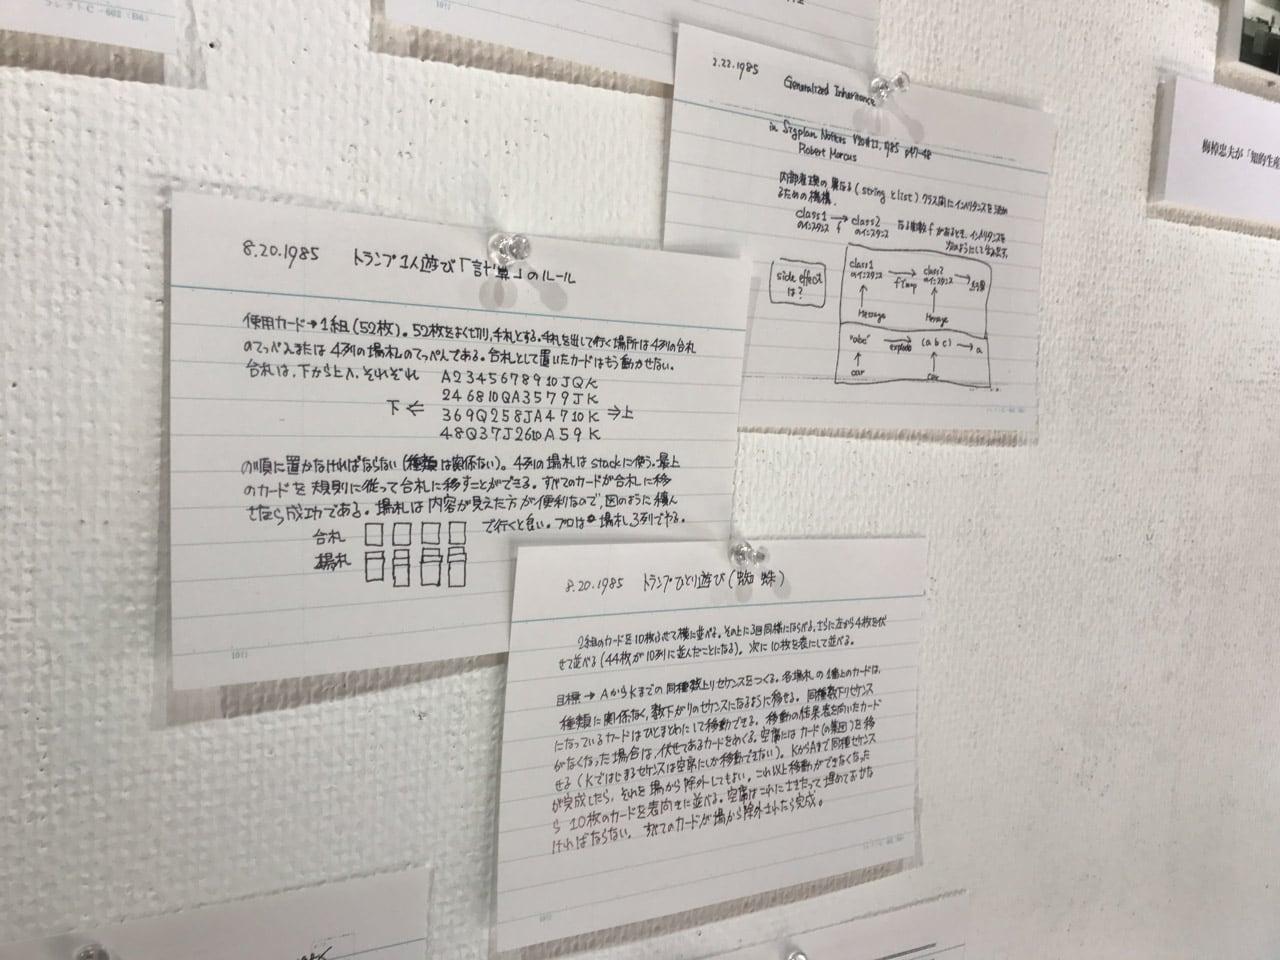 umesao-4569.jpg